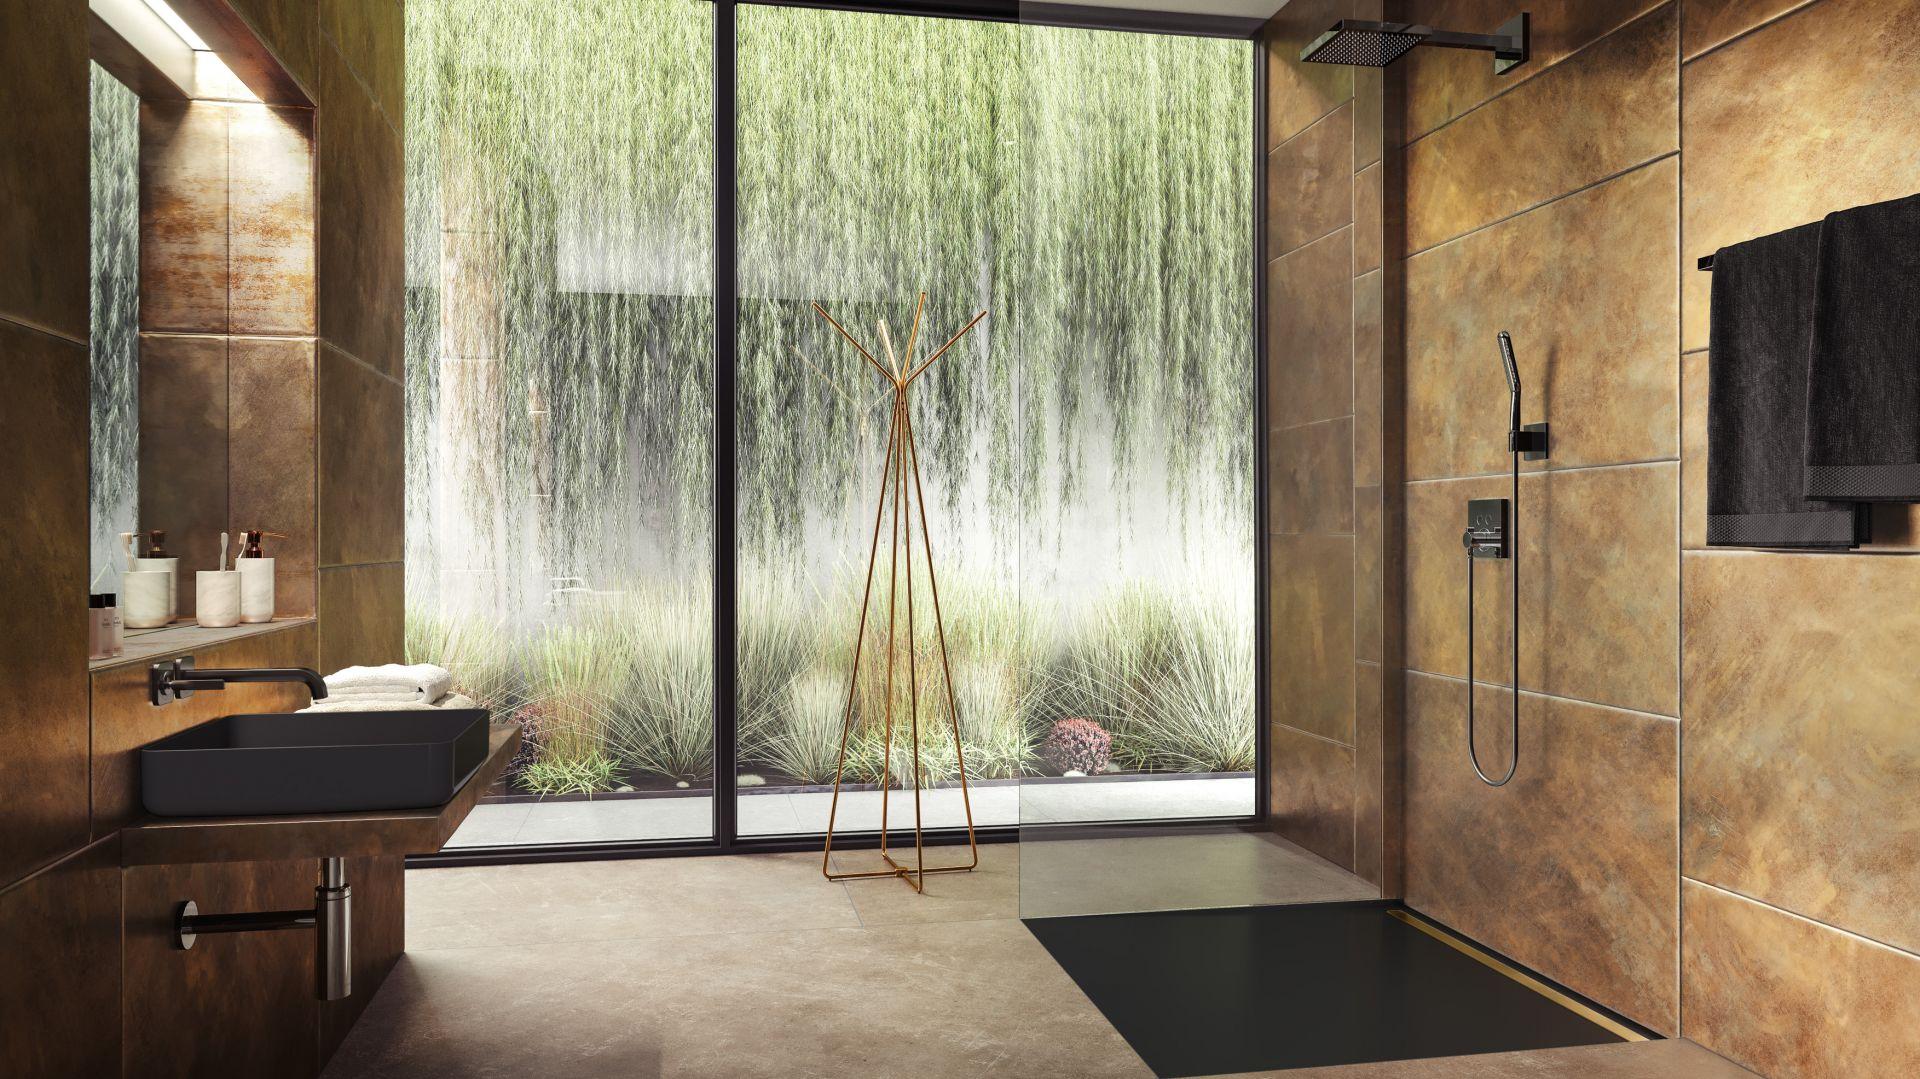 Modna strefa prysznica. Na zdjęciu ultrapłaski czarny brodzik Nexsys marki Kaldewei. Fot. Kaldewei